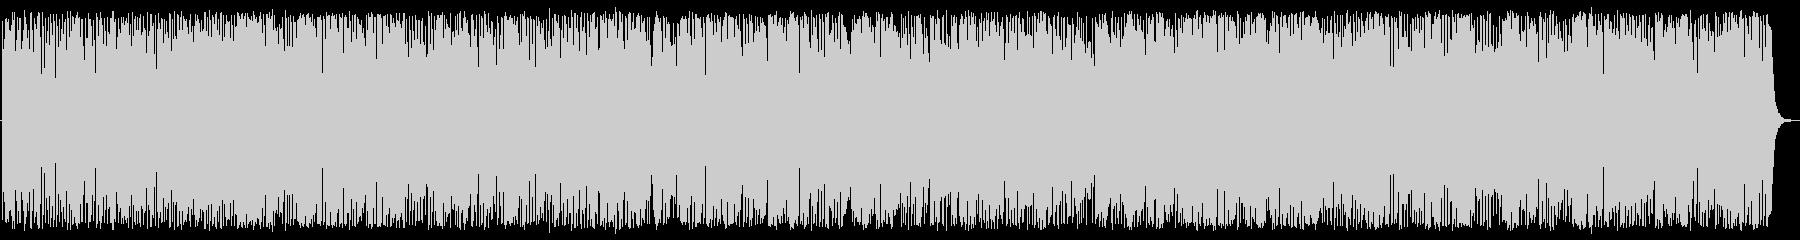 荒野の果てに(acoustic)の未再生の波形